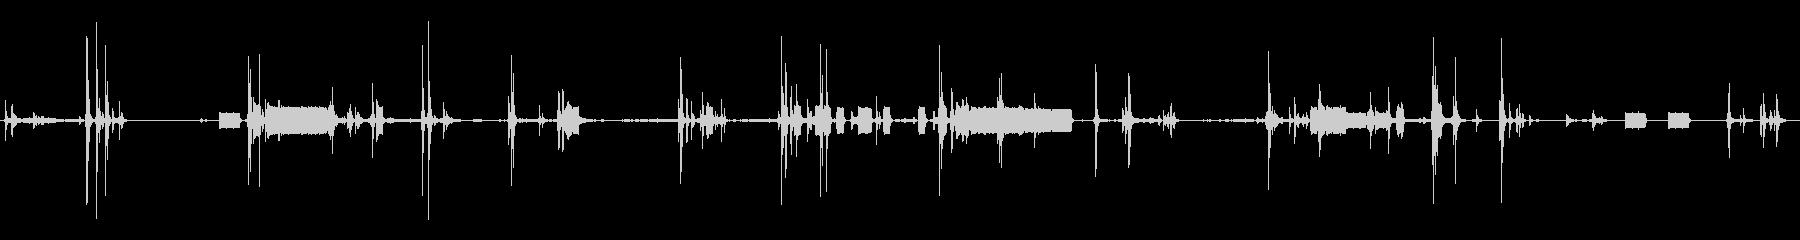 ピンボールマシン:1978:電子:...の未再生の波形